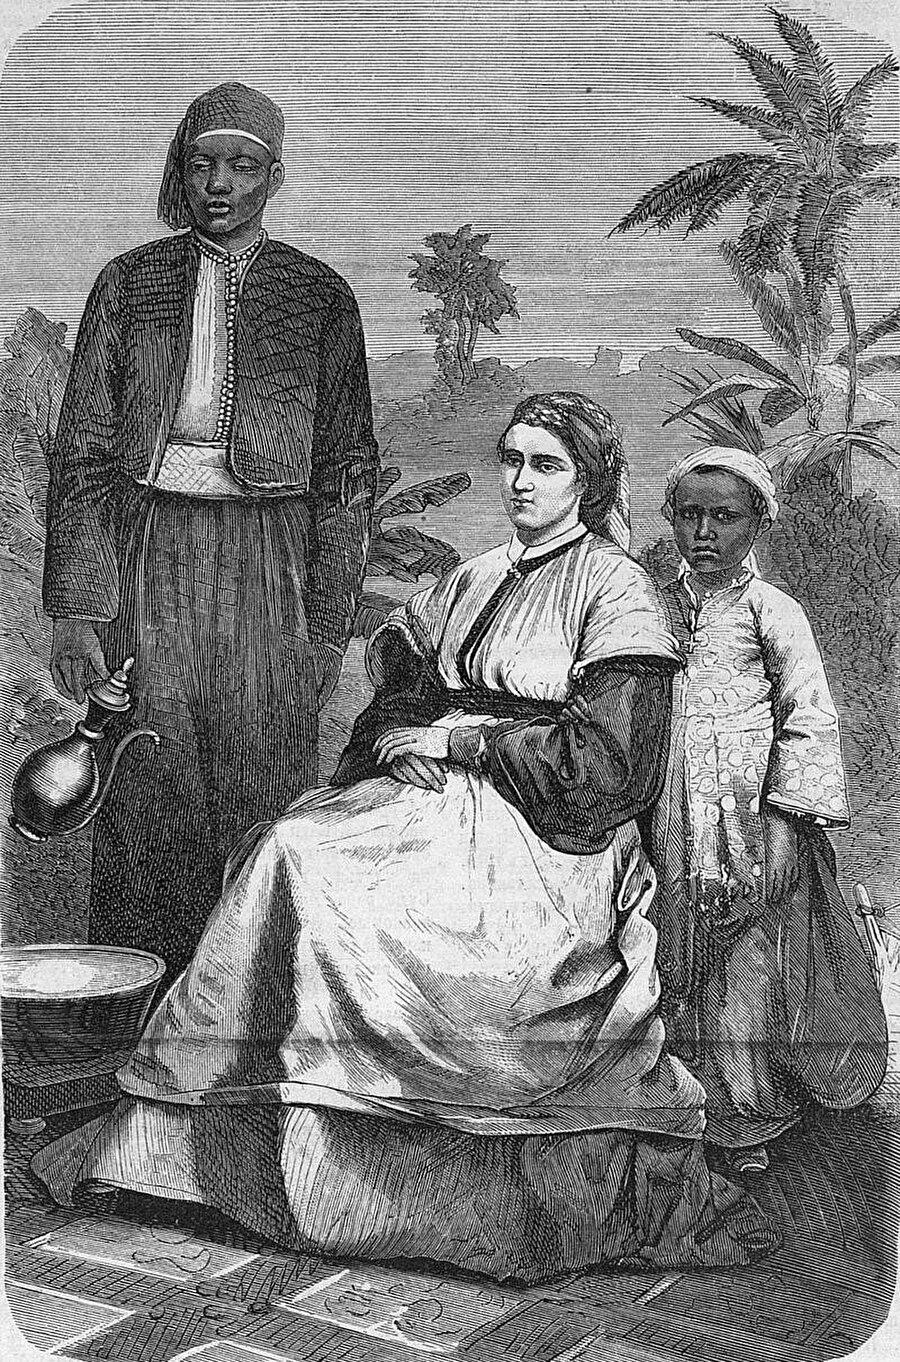 Sahra Çölünü geçmeye çalışan ilk Avrupalı kadın olarak bilinen Alexandrine Tinne.